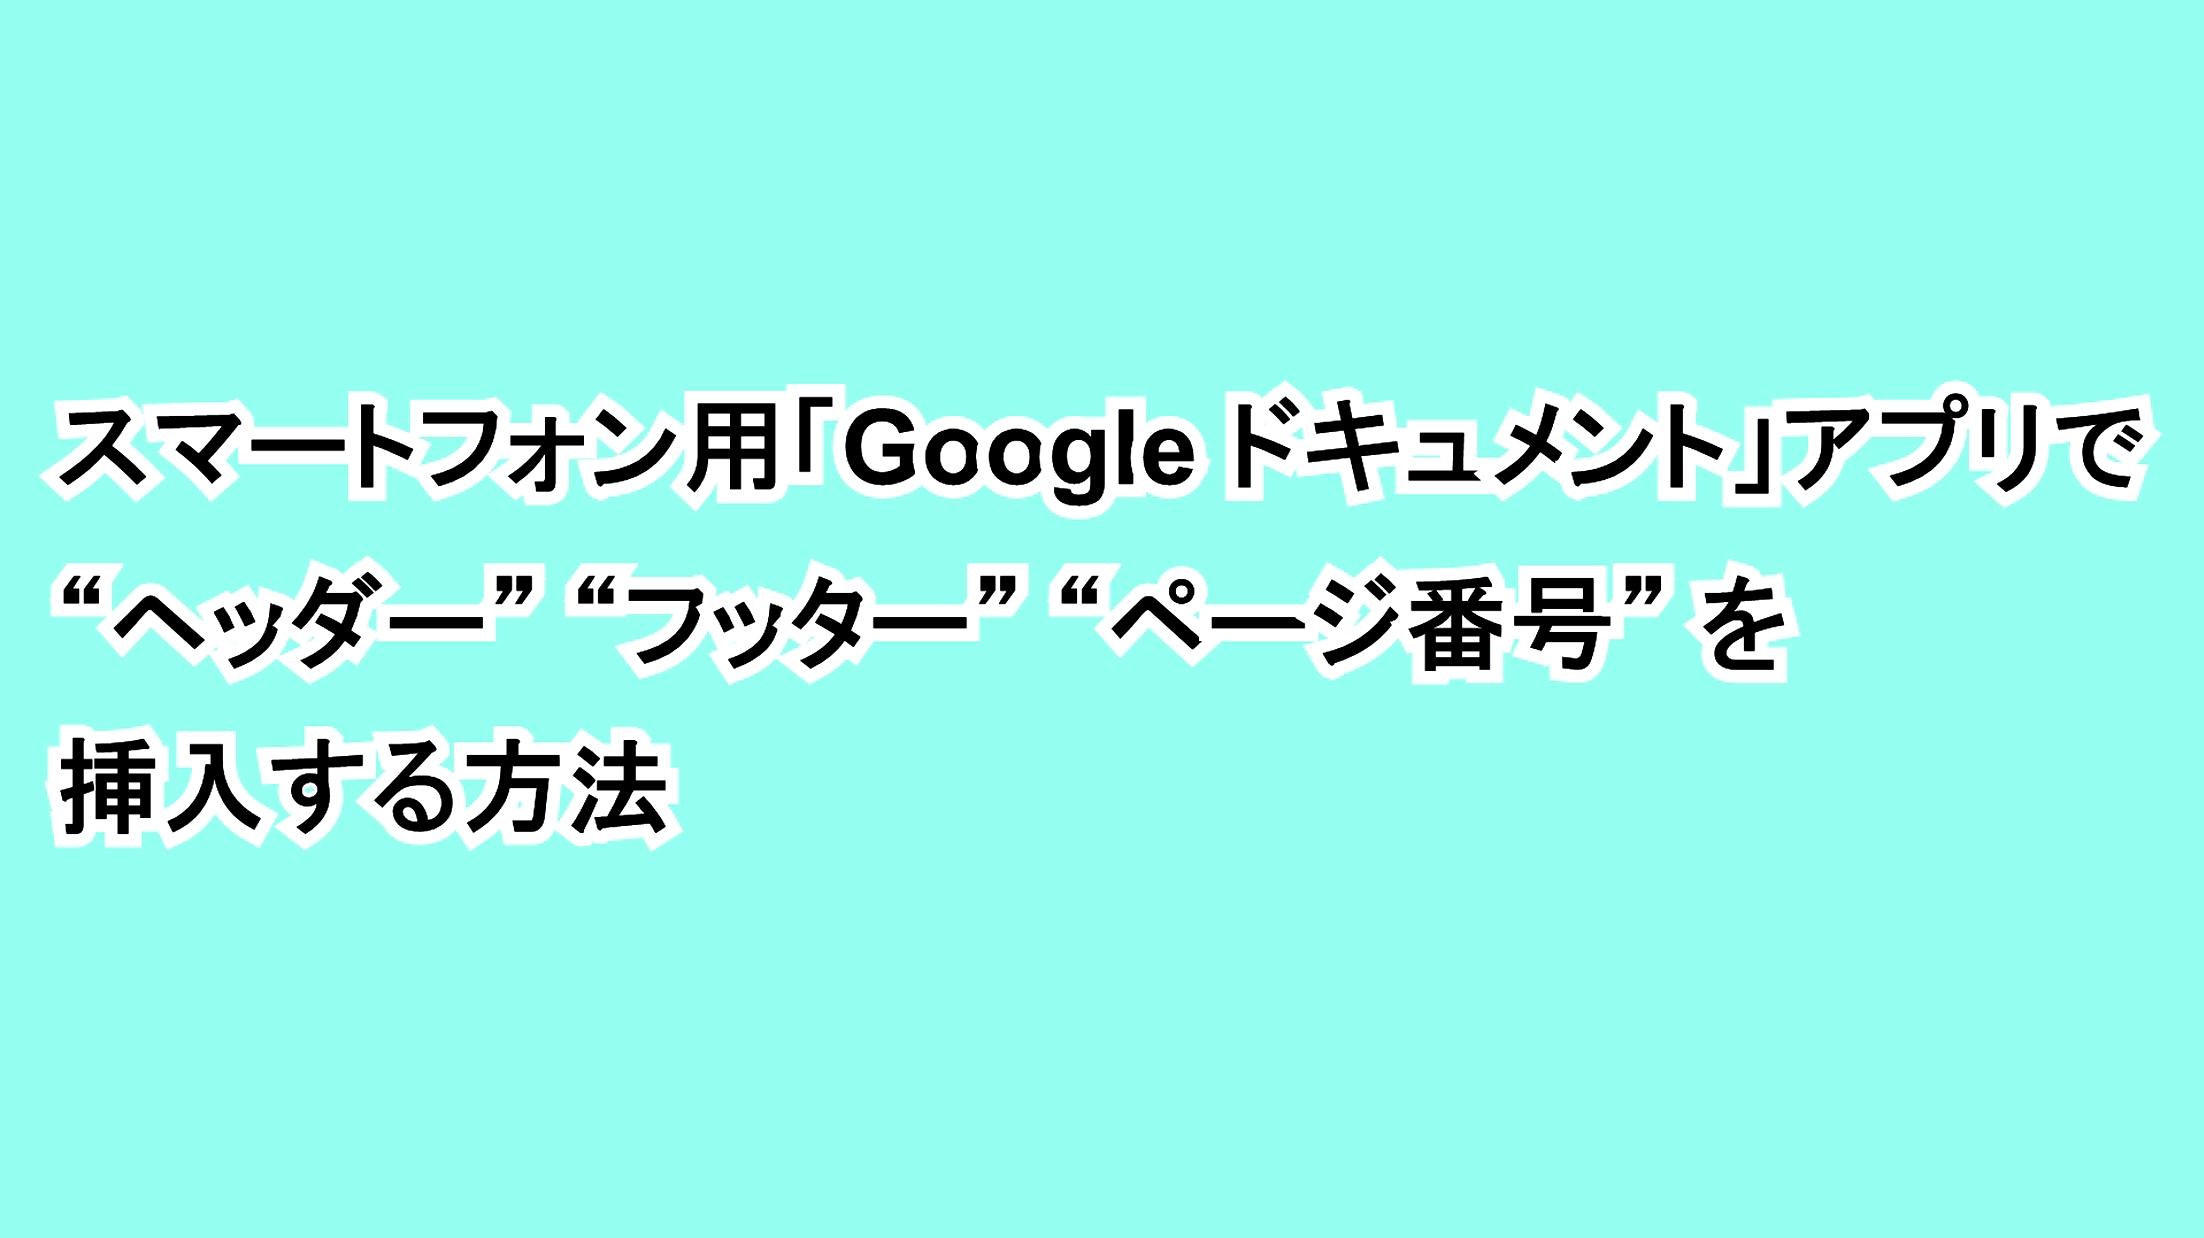 """スマートフォン用「Google ドキュメント」アプリで""""ヘッダー""""""""フッター""""""""ページ番号""""を挿入する方法"""